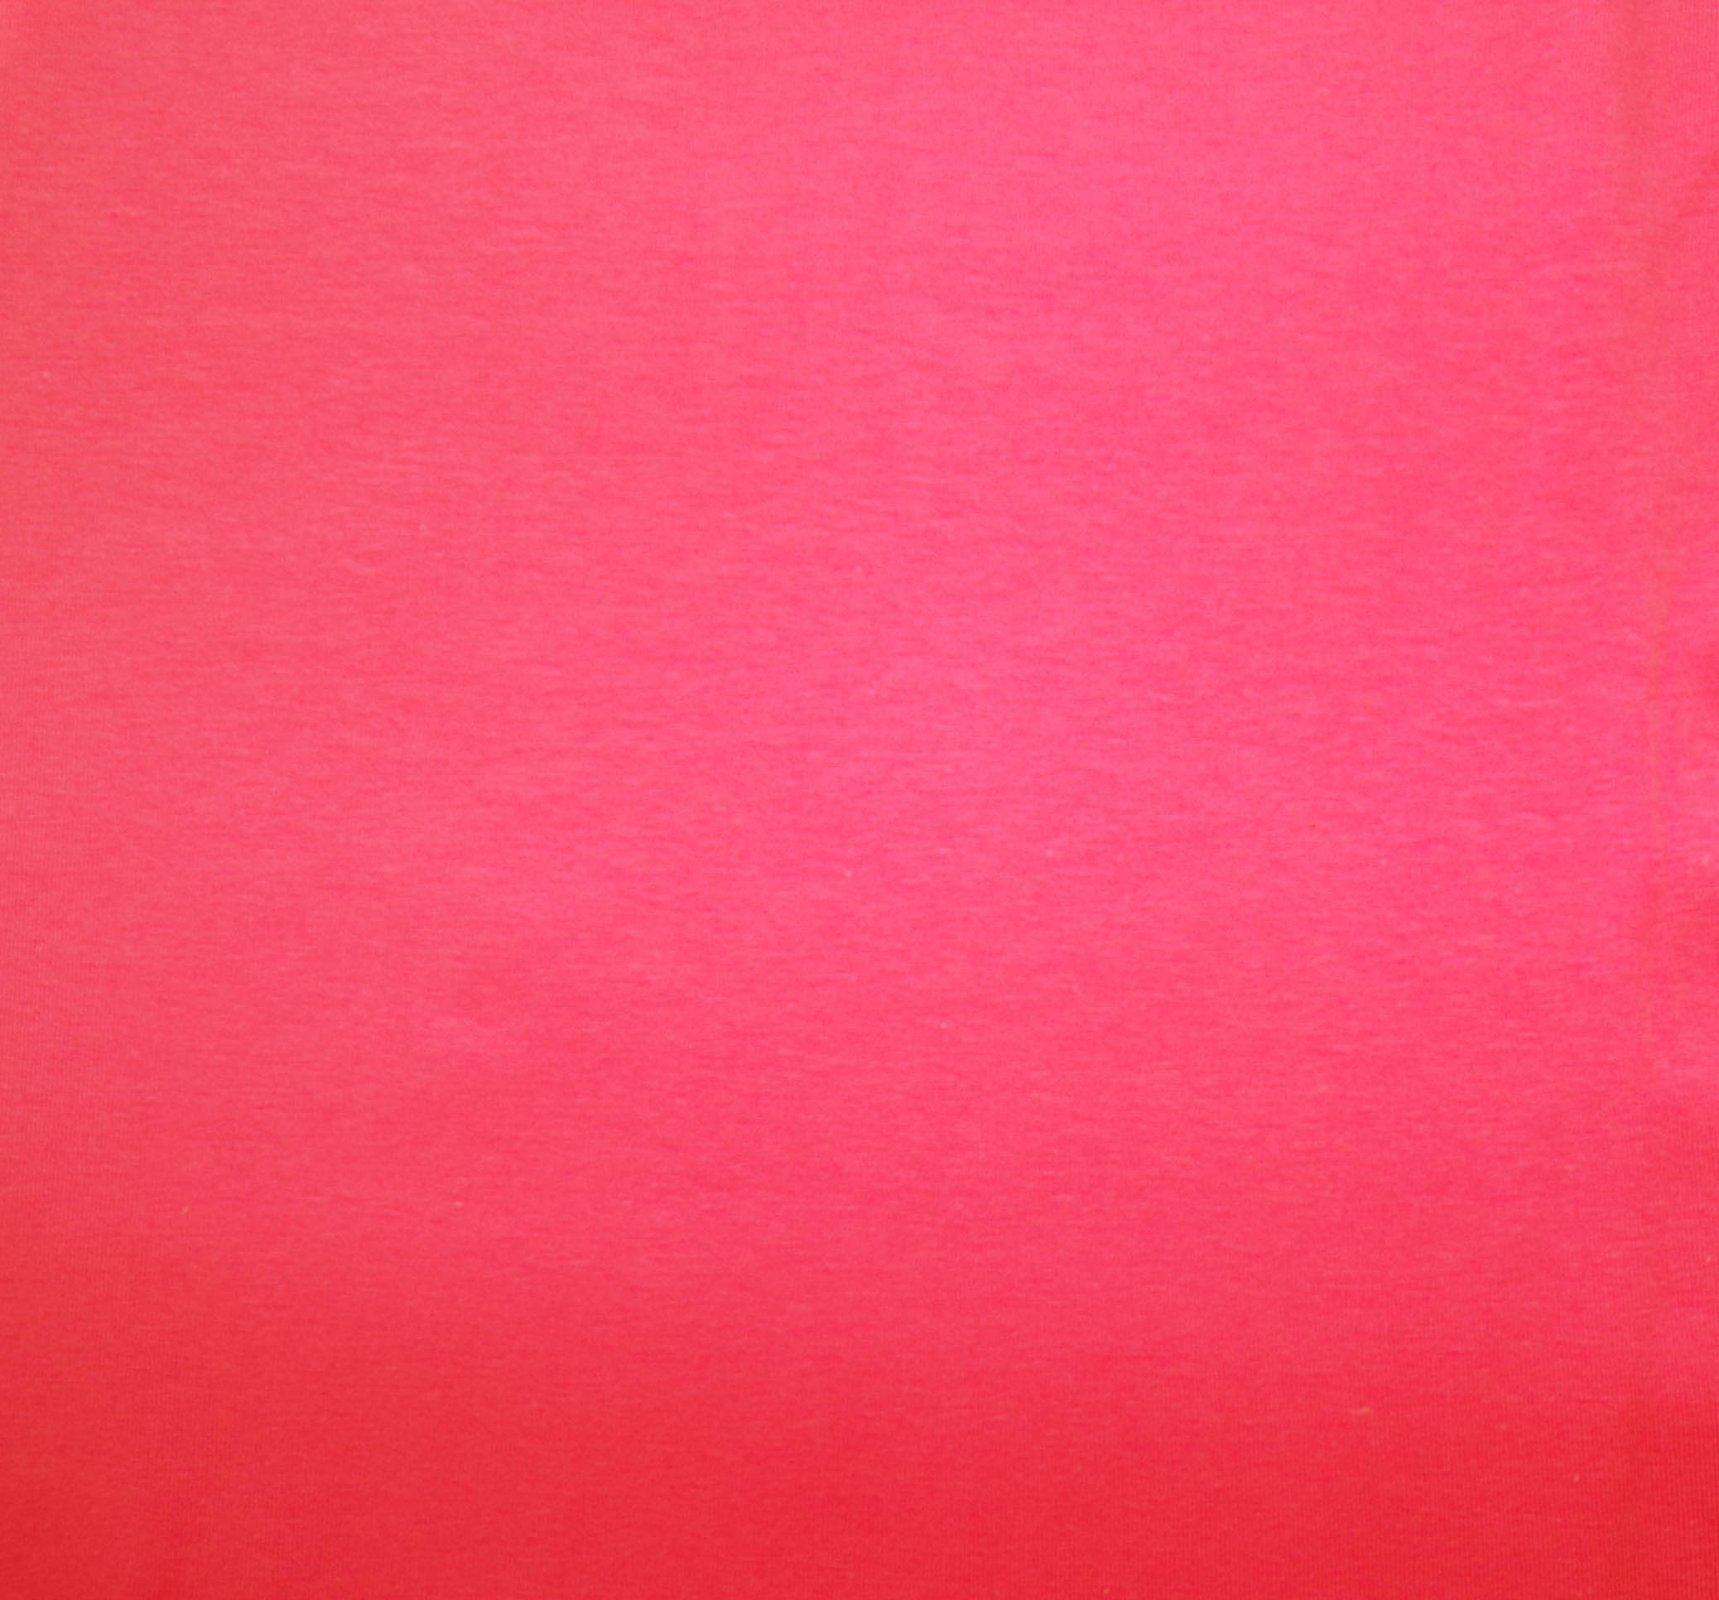 Cotton Lycra Jersey - Bubble Gum Pink